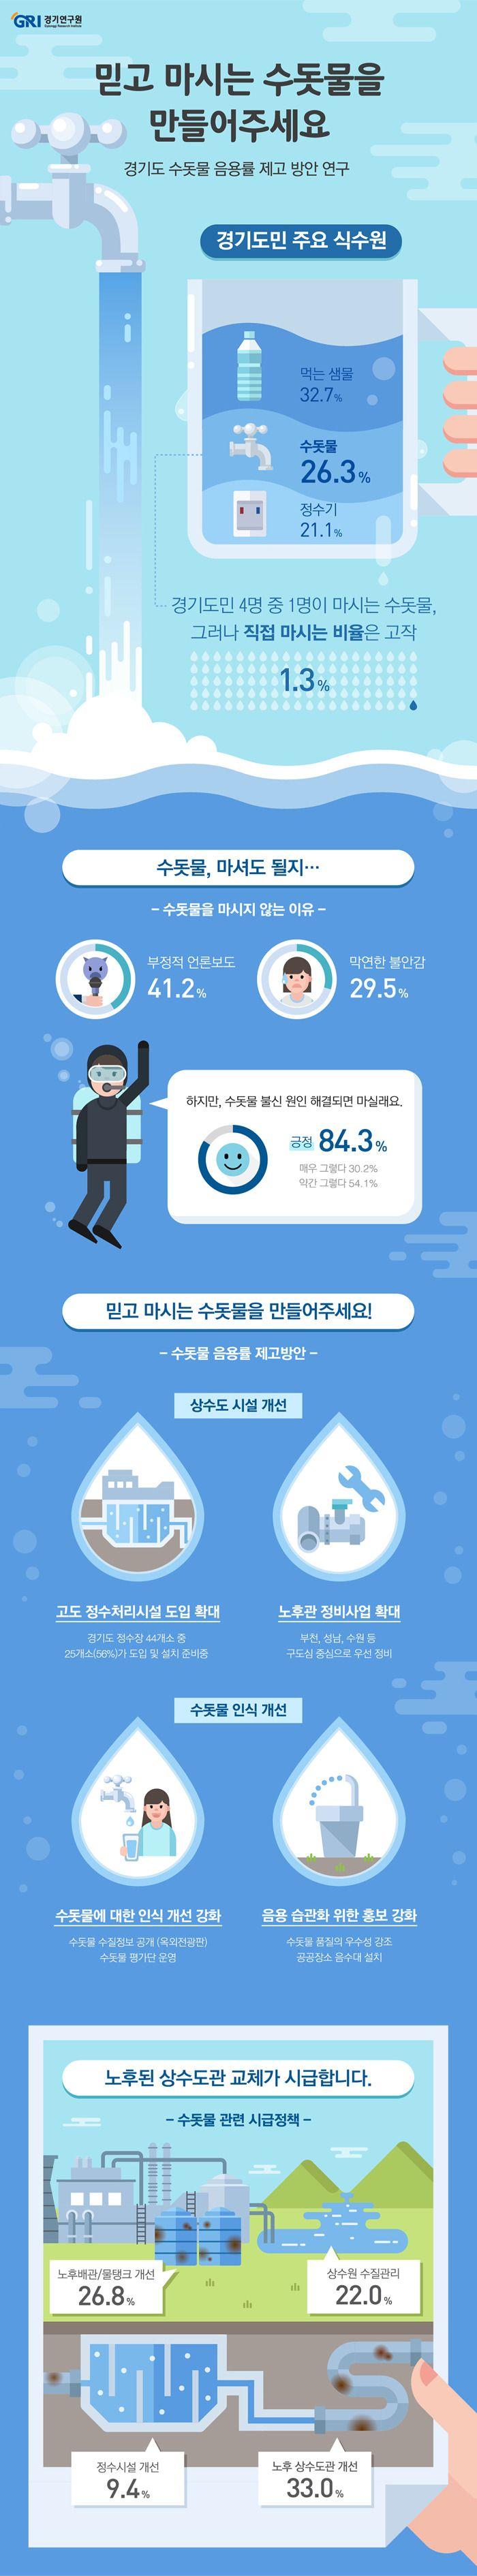 경기연구원 공식블로그 :: 믿고 마시는 수돗물을 만들어주세요 - 경기도 수돗물 음용률 제고 방안 연구